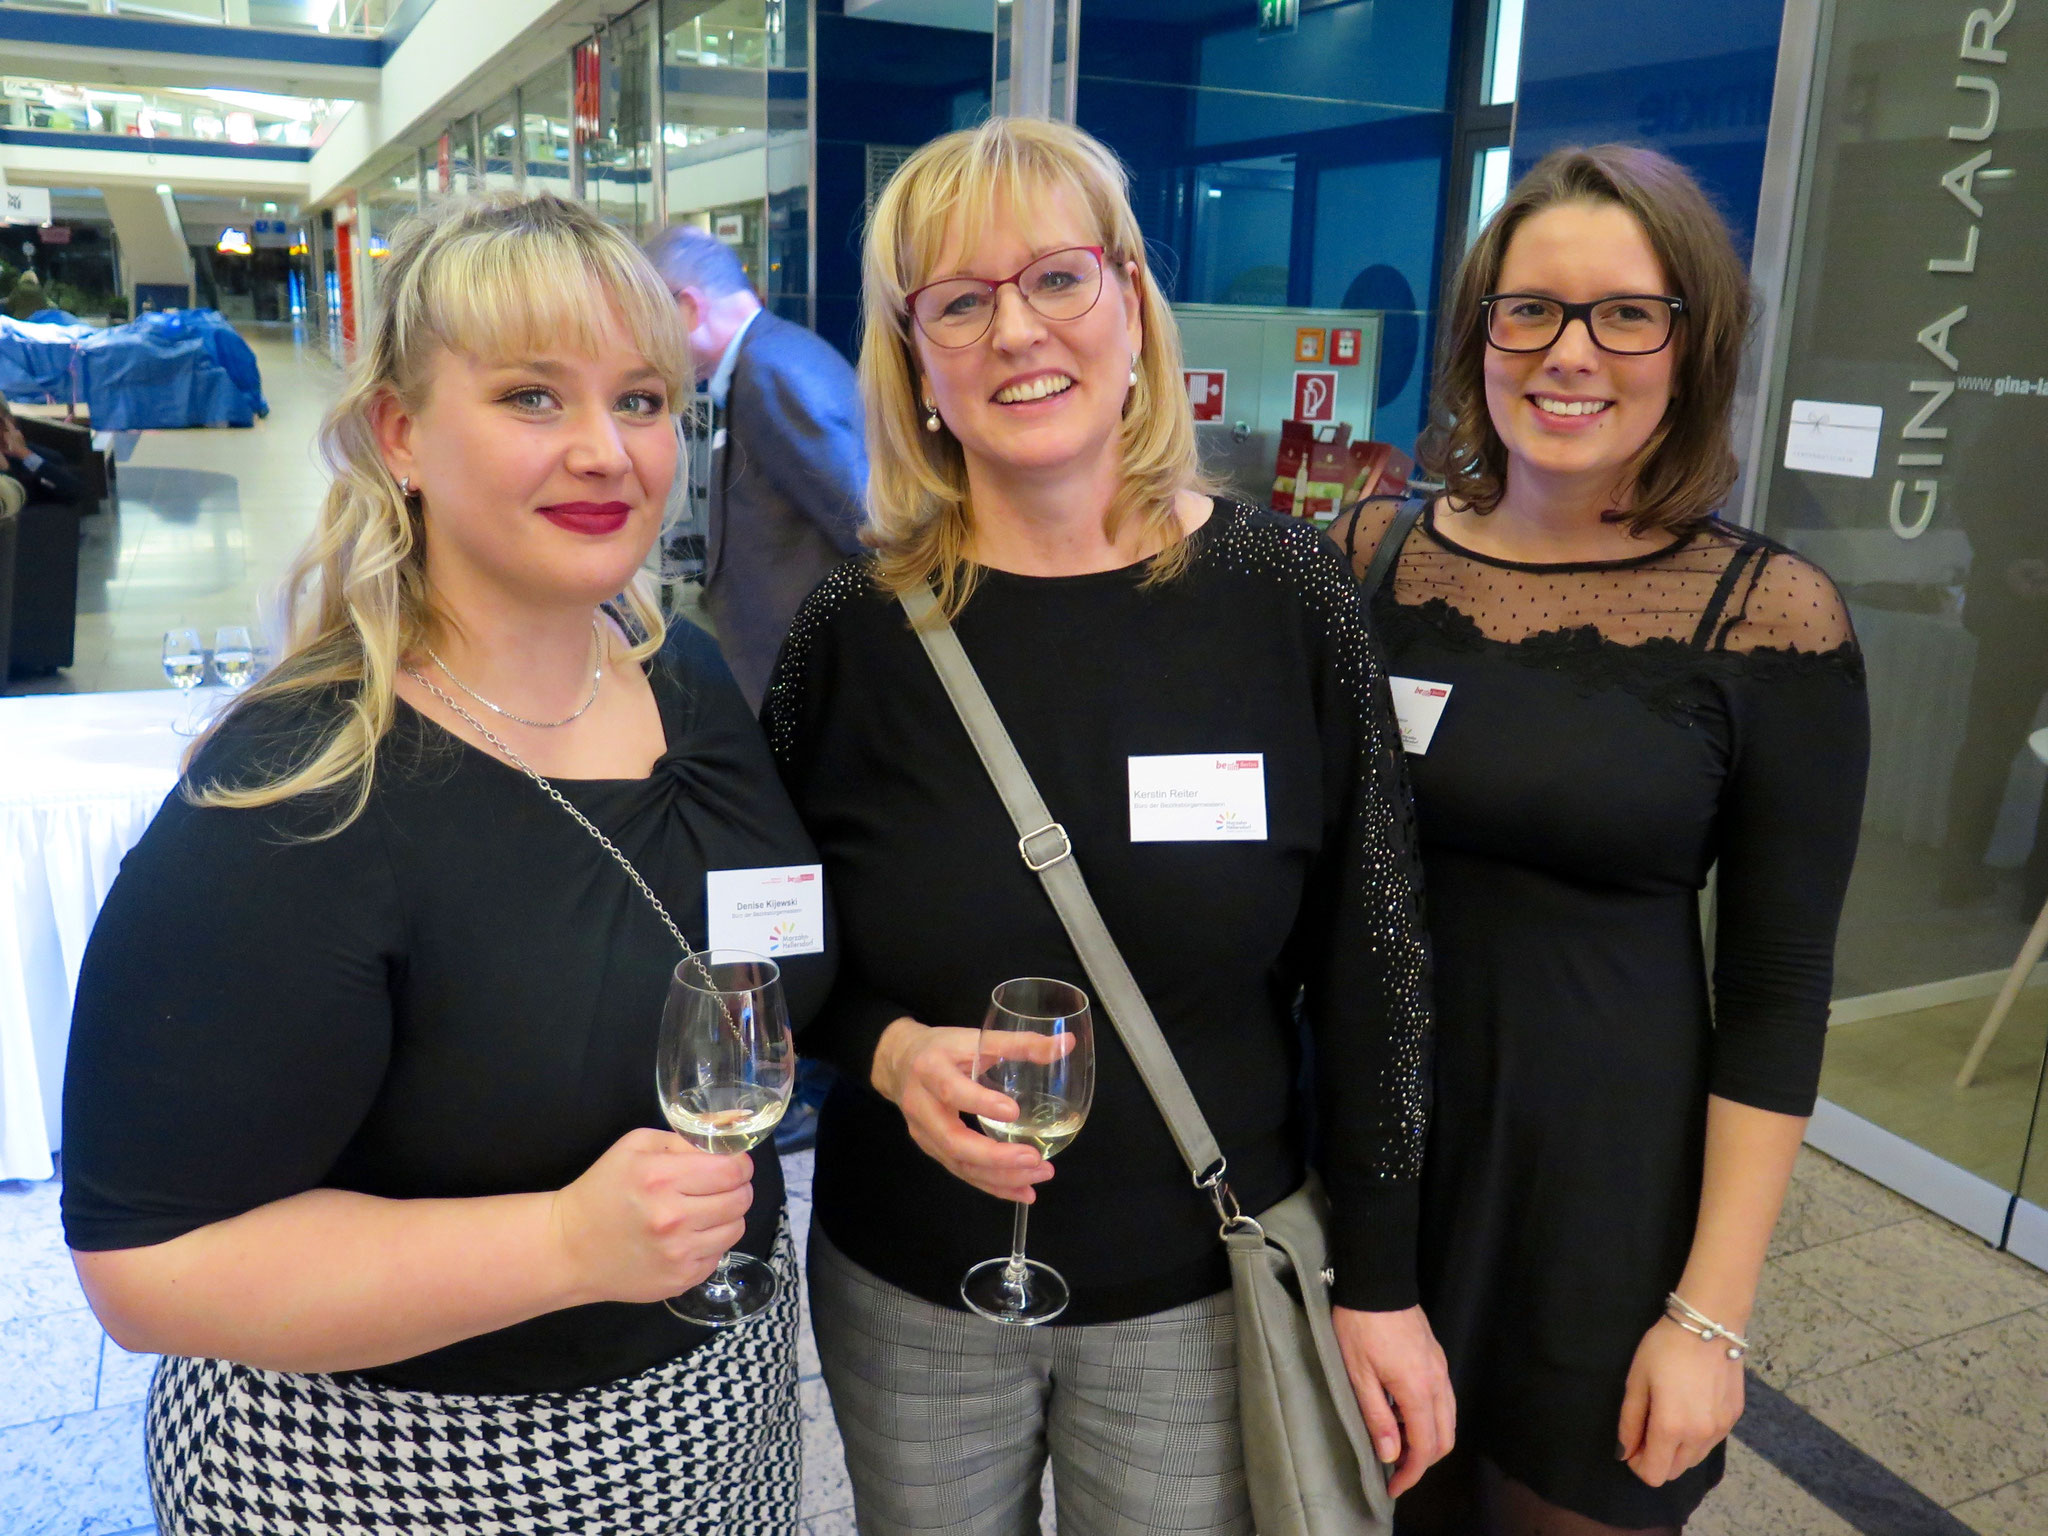 Aus dem Büro der Bezirksbürgermeisterin: Denise Kijewski, Kerstin Reiter und Julia Wehner